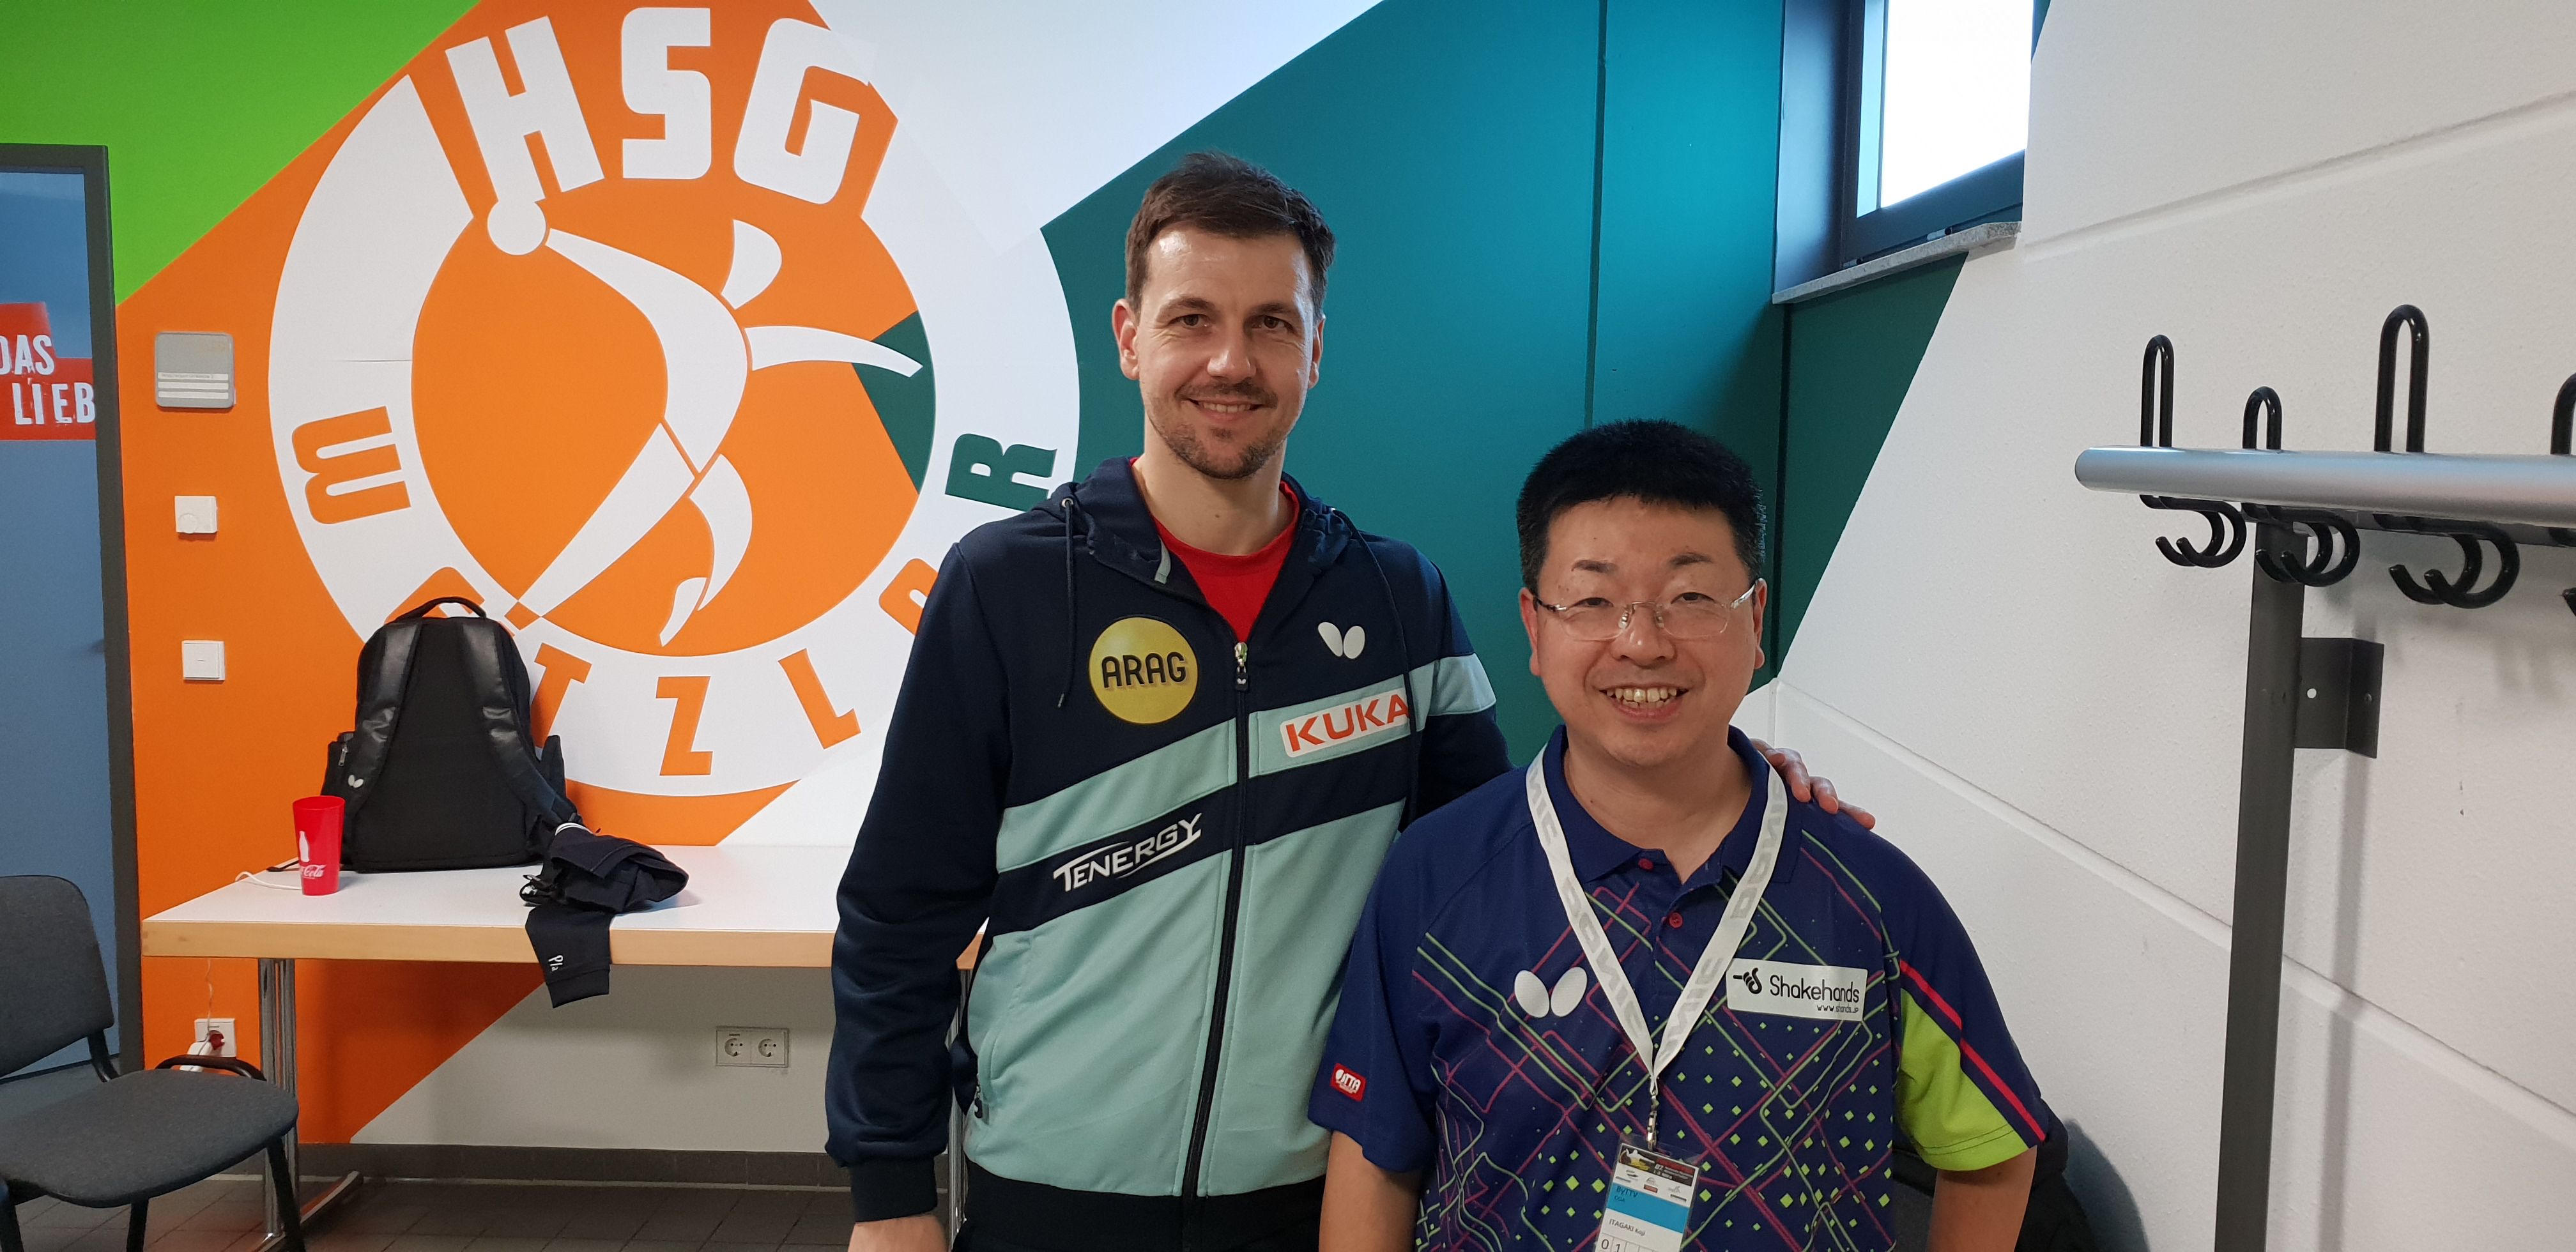 全ドイツ選手権と世界選手権日本代表選考会